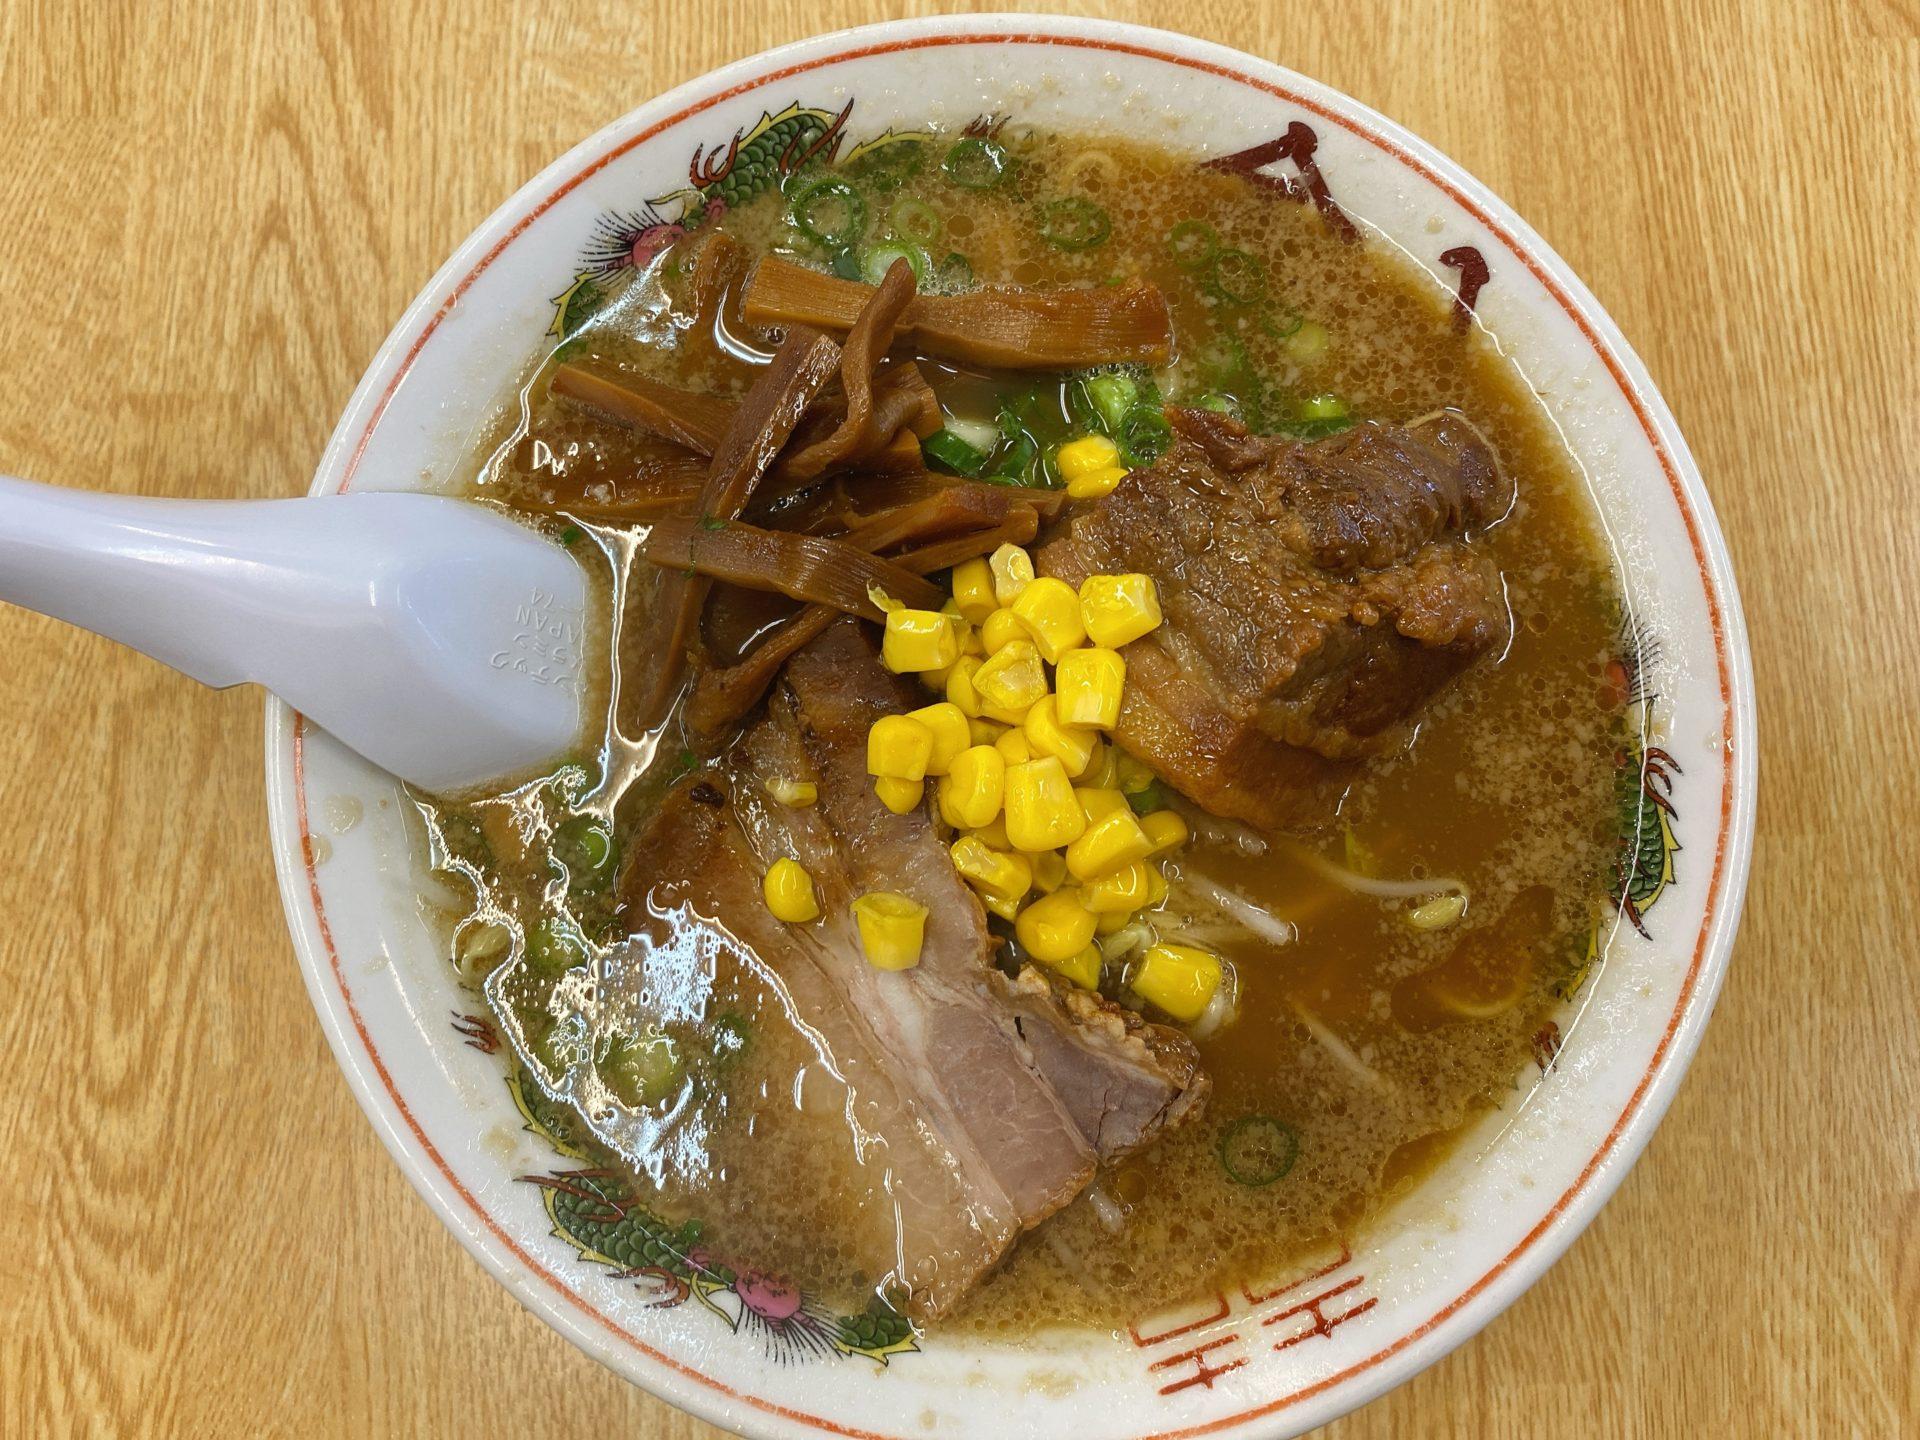 岡山駅から徒歩10分 老舗のラーメン店、金八ラーメンの角煮チャーシューがウマ過ぎる!豚骨醤油のスープと麺の相性も良し!